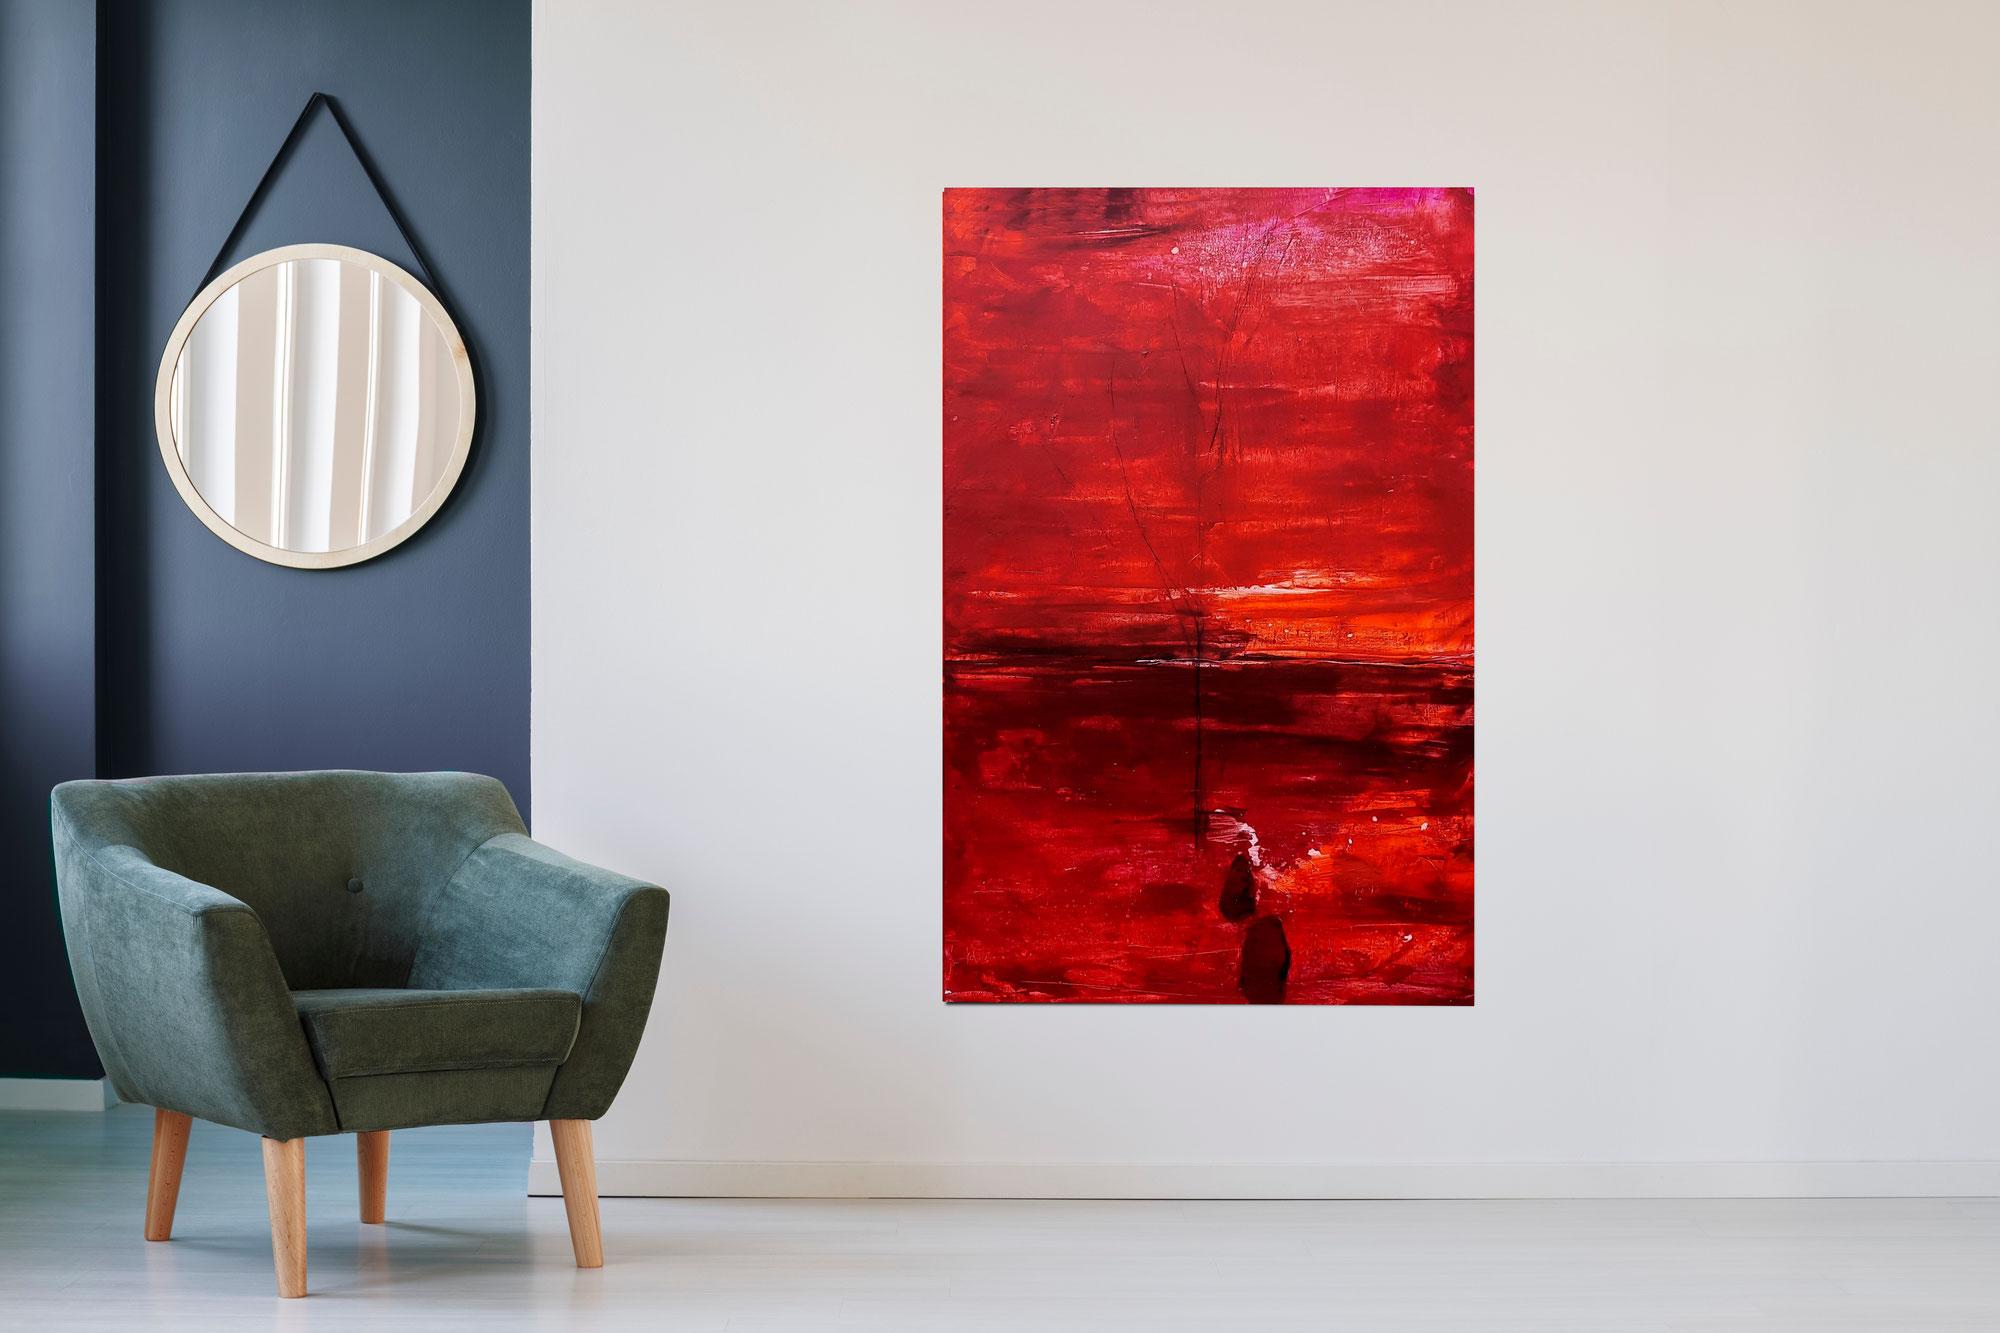 Neues dunkelrotes Bild 160 x 100 cm entstanden